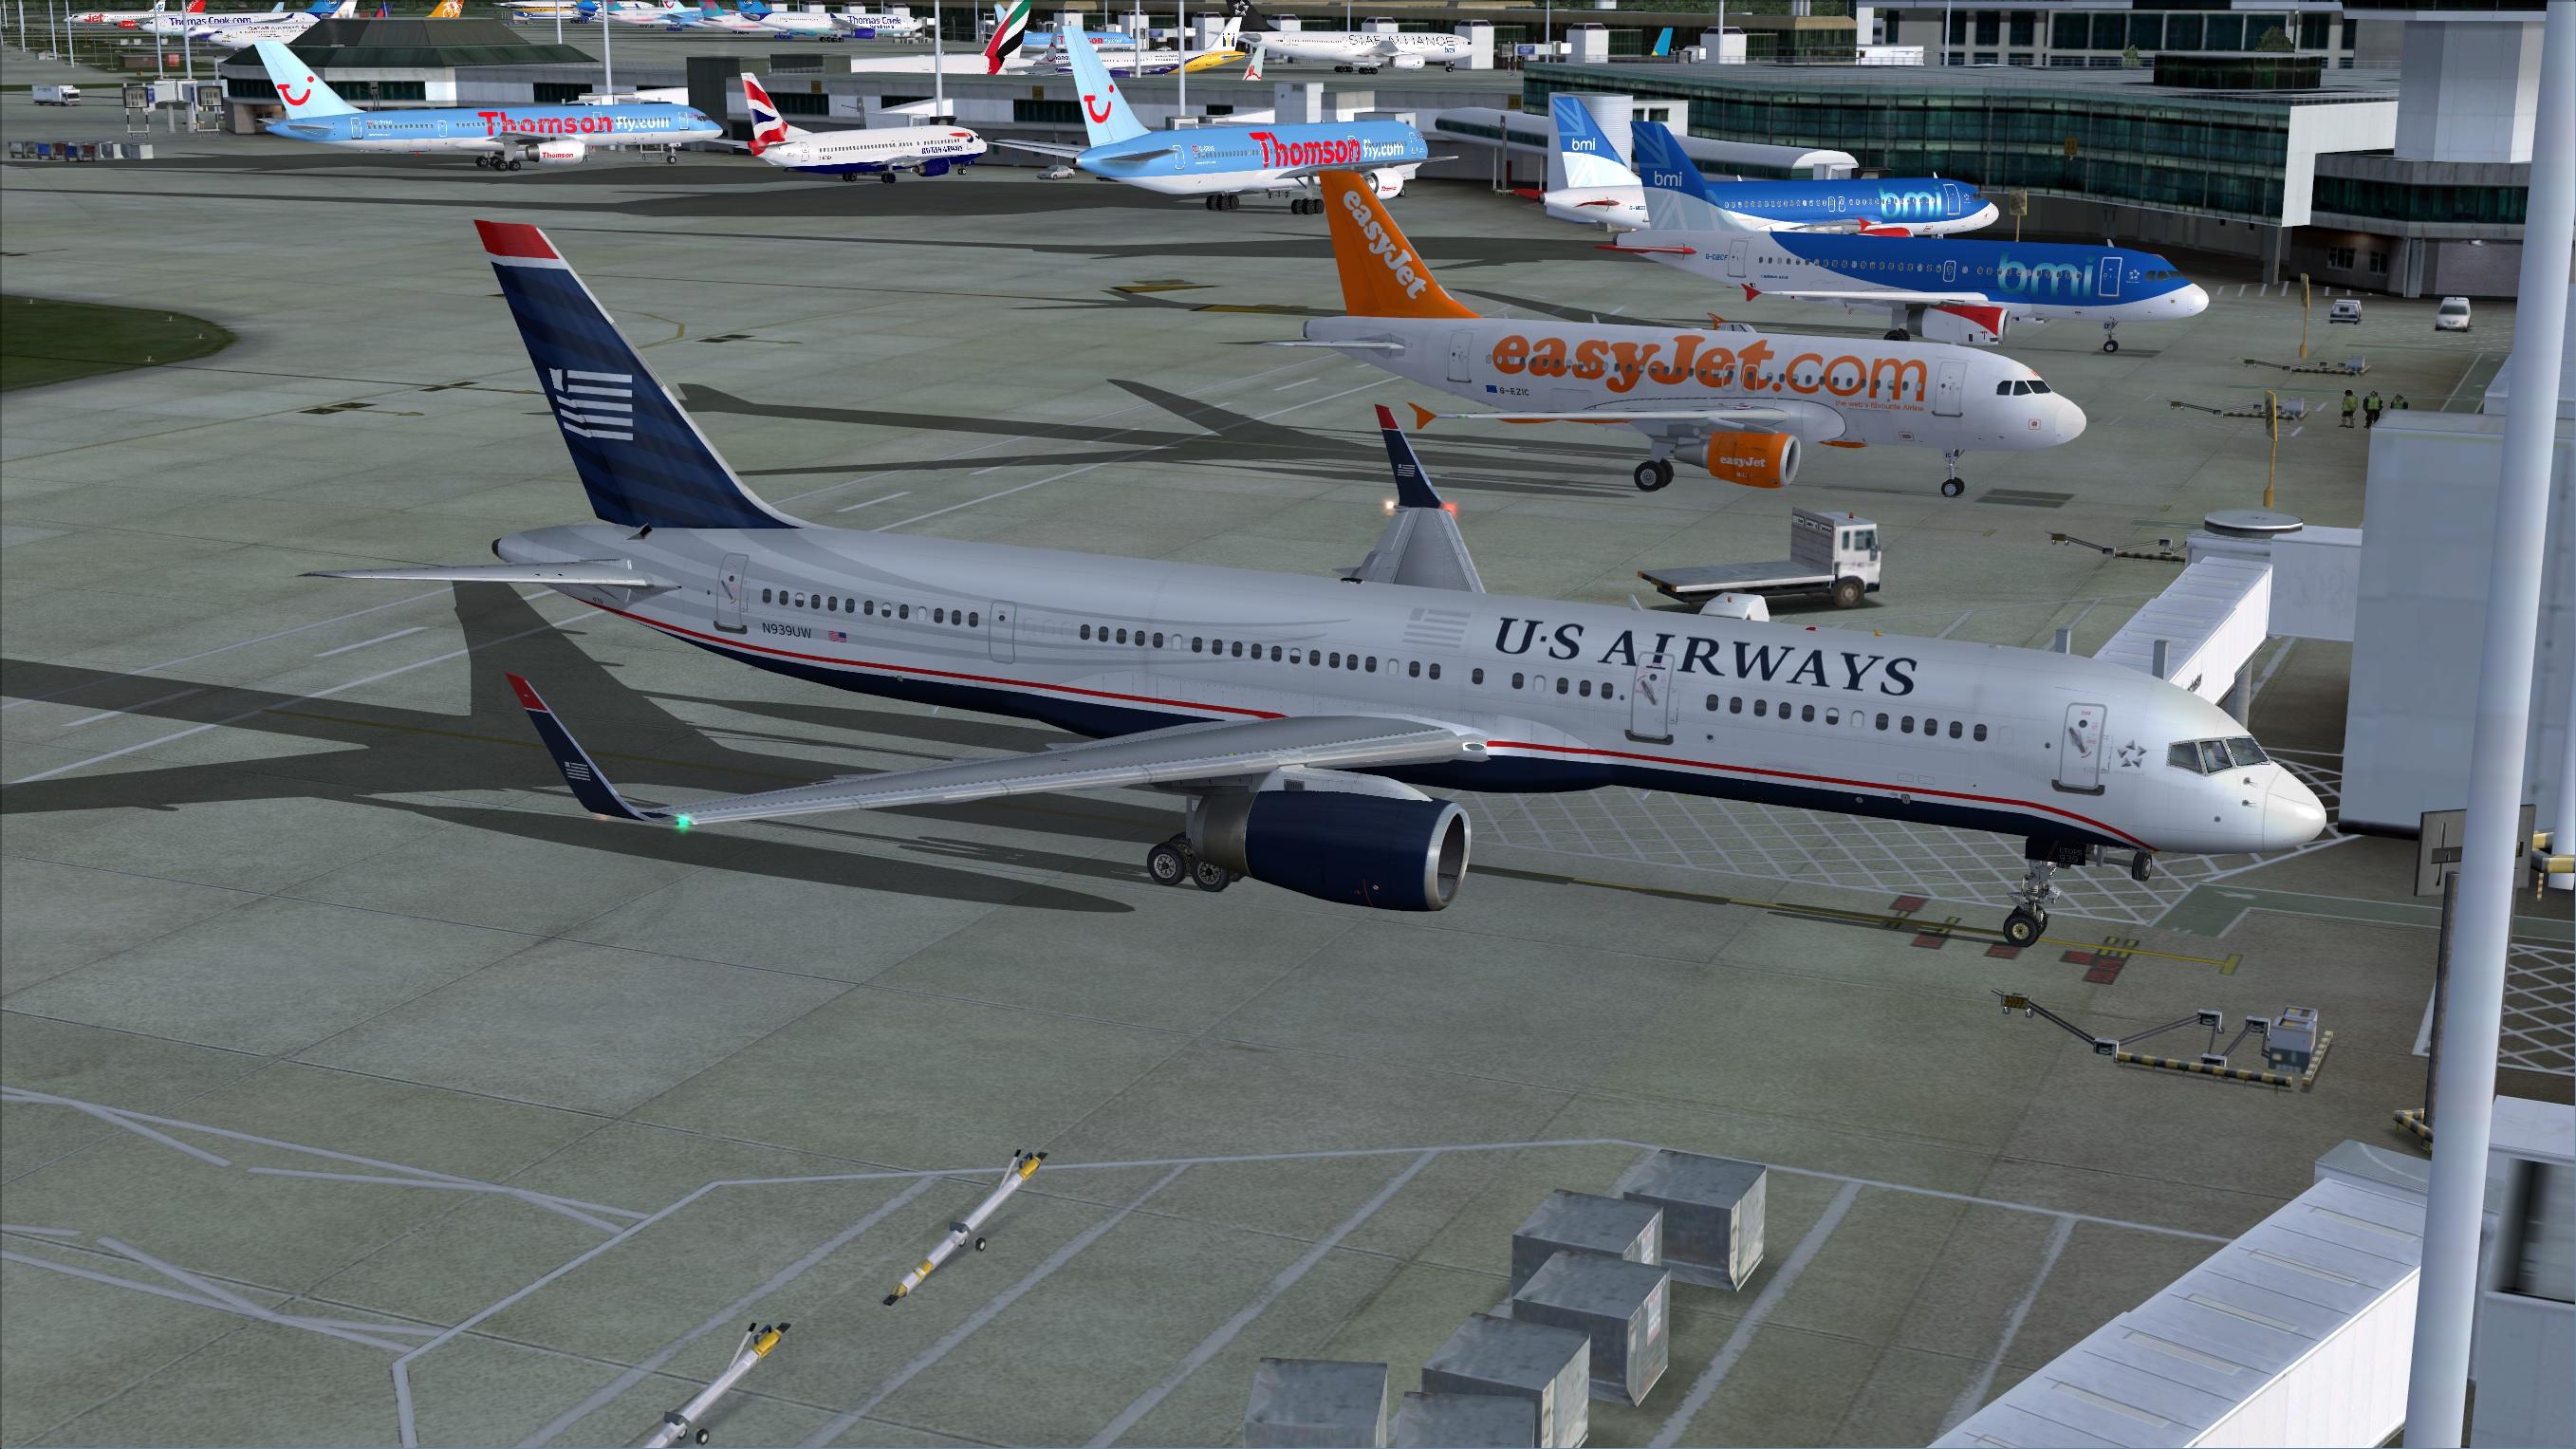 us_airways_b757_kbos-g4j2u.jpg